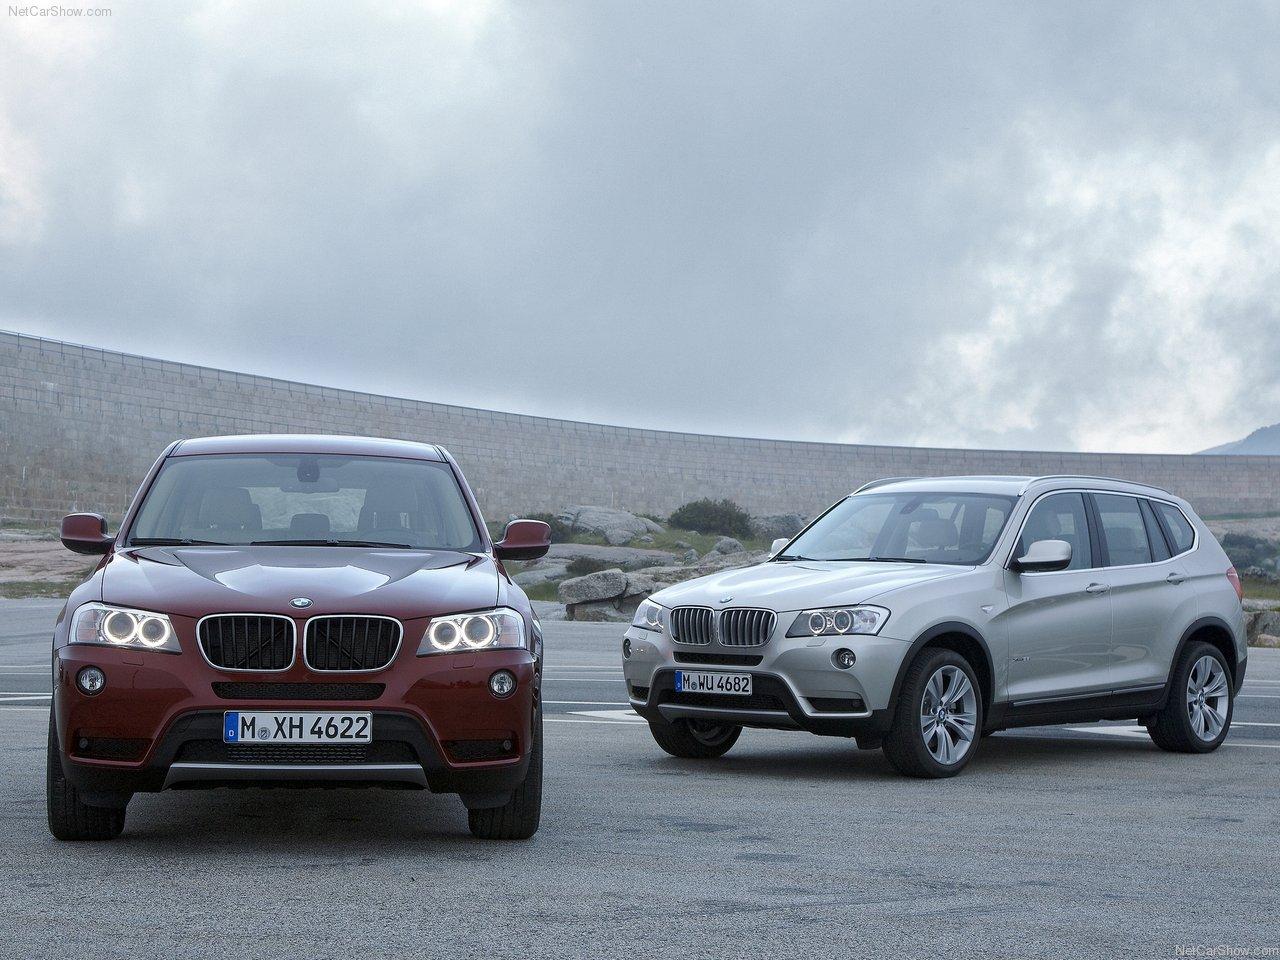 http://2.bp.blogspot.com/_OxQU_AmEgy0/TLnYvNHoaOI/AAAAAAAACNU/4numC8PyHGY/s1600/BMW-X3_2011_1280x960_wallpaper_9e.jpg